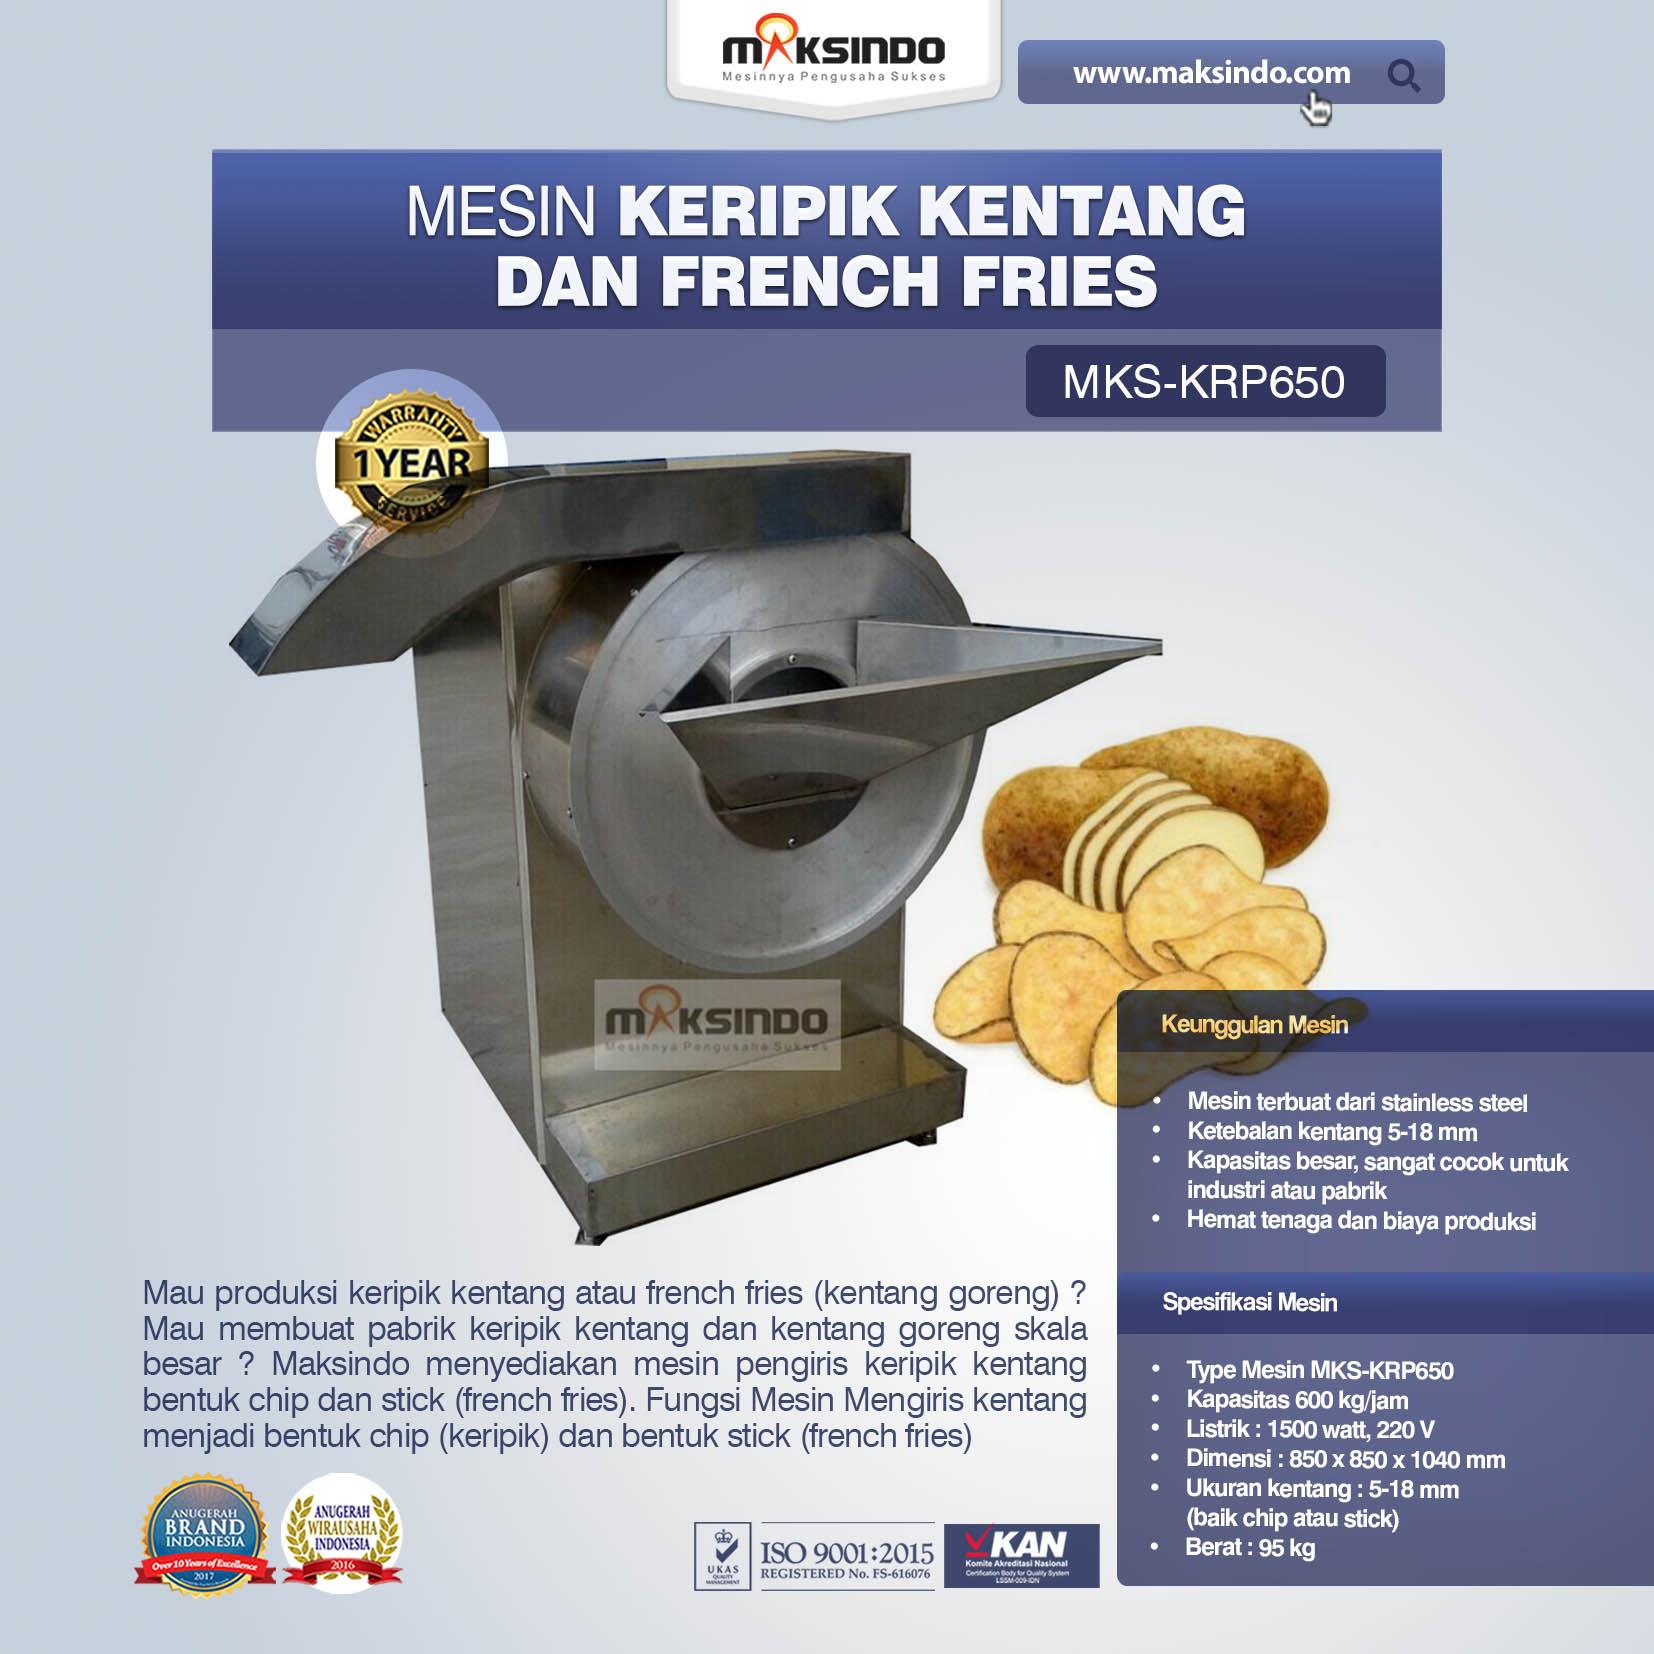 Jual Mesin Keripik Kentang dan French Fries KRP650 di Palembang